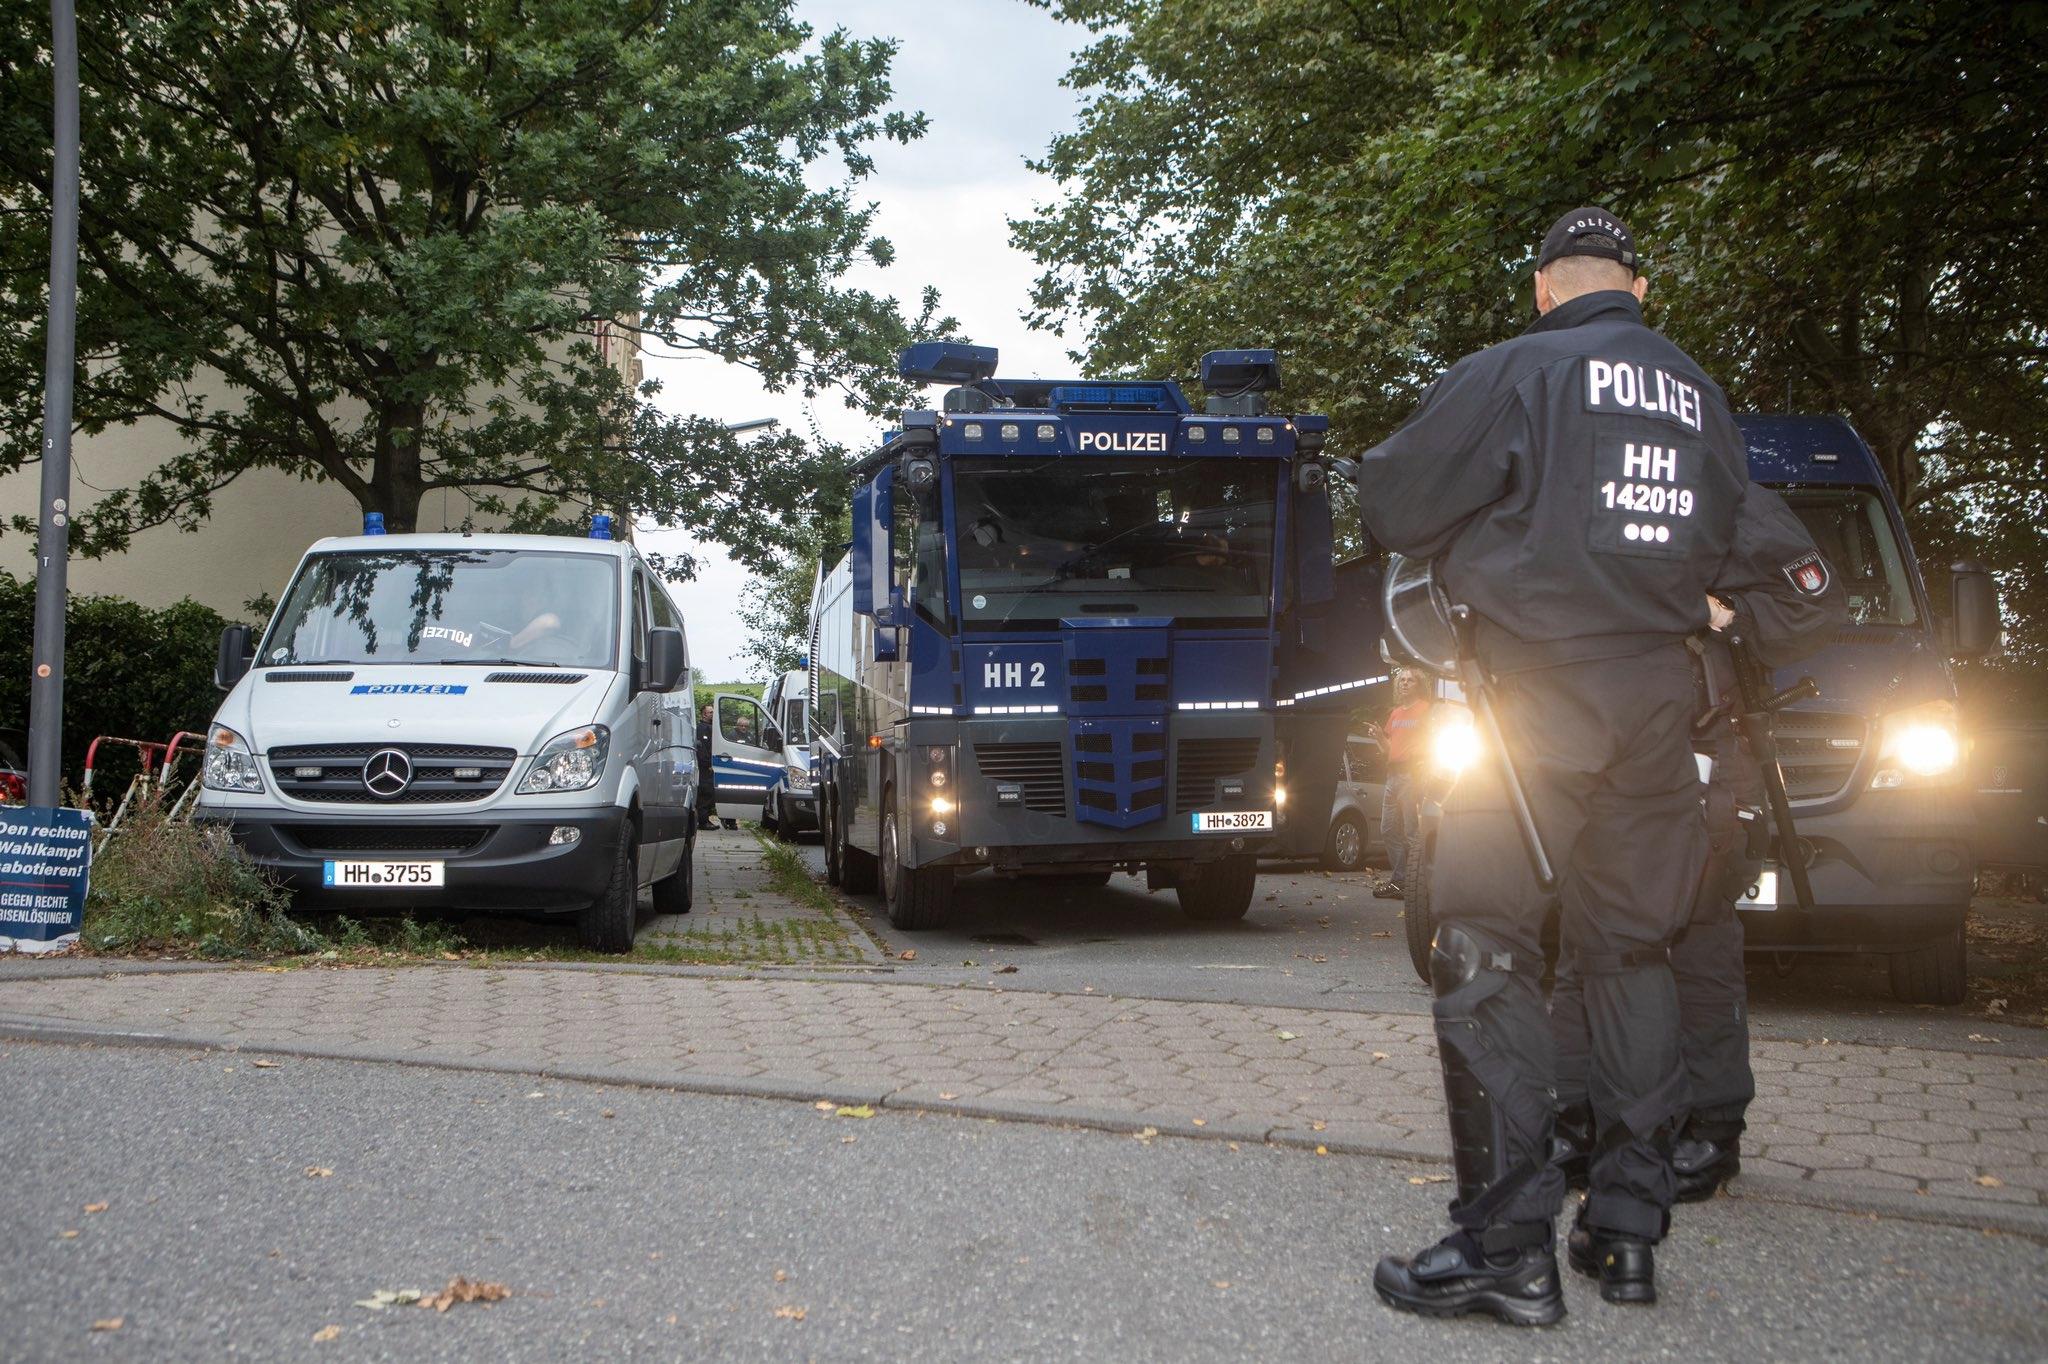 Polizeiaufgebot vor dem Gebäude der AfD-Wahlparty in Wilhelmsburg. Die Veranstaltung wurde im Vorhinein abgesagt.